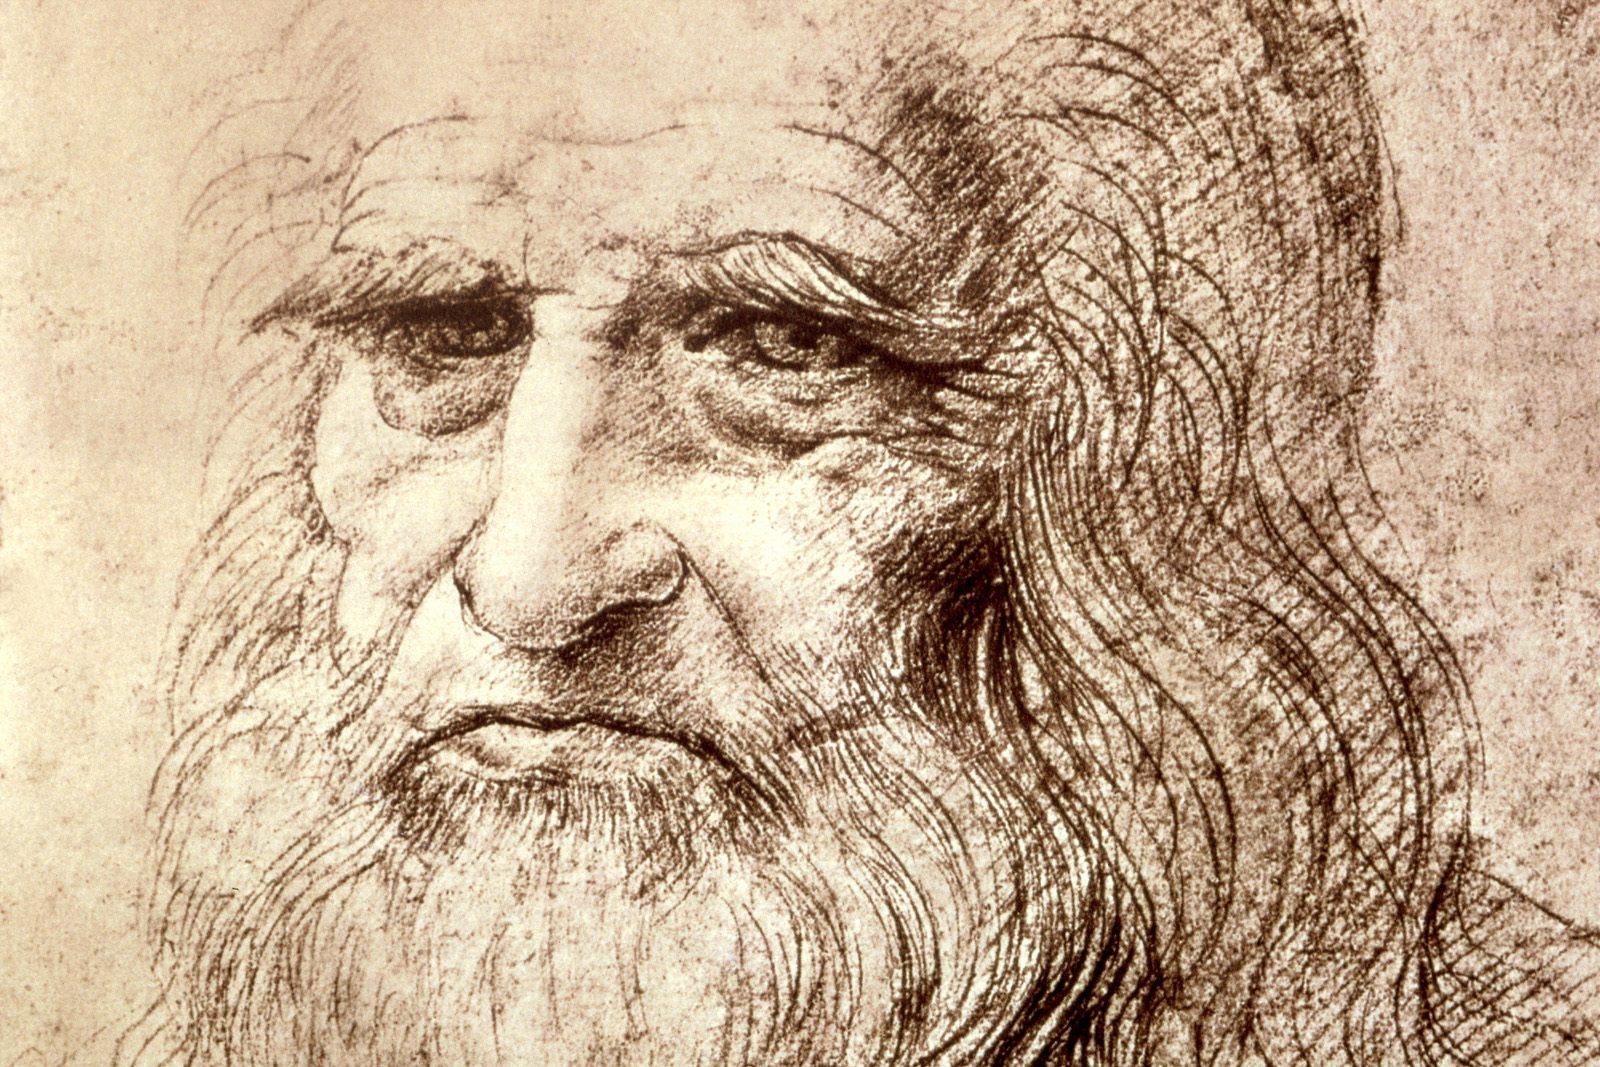 De ce da Vinci nu a fost român (II)